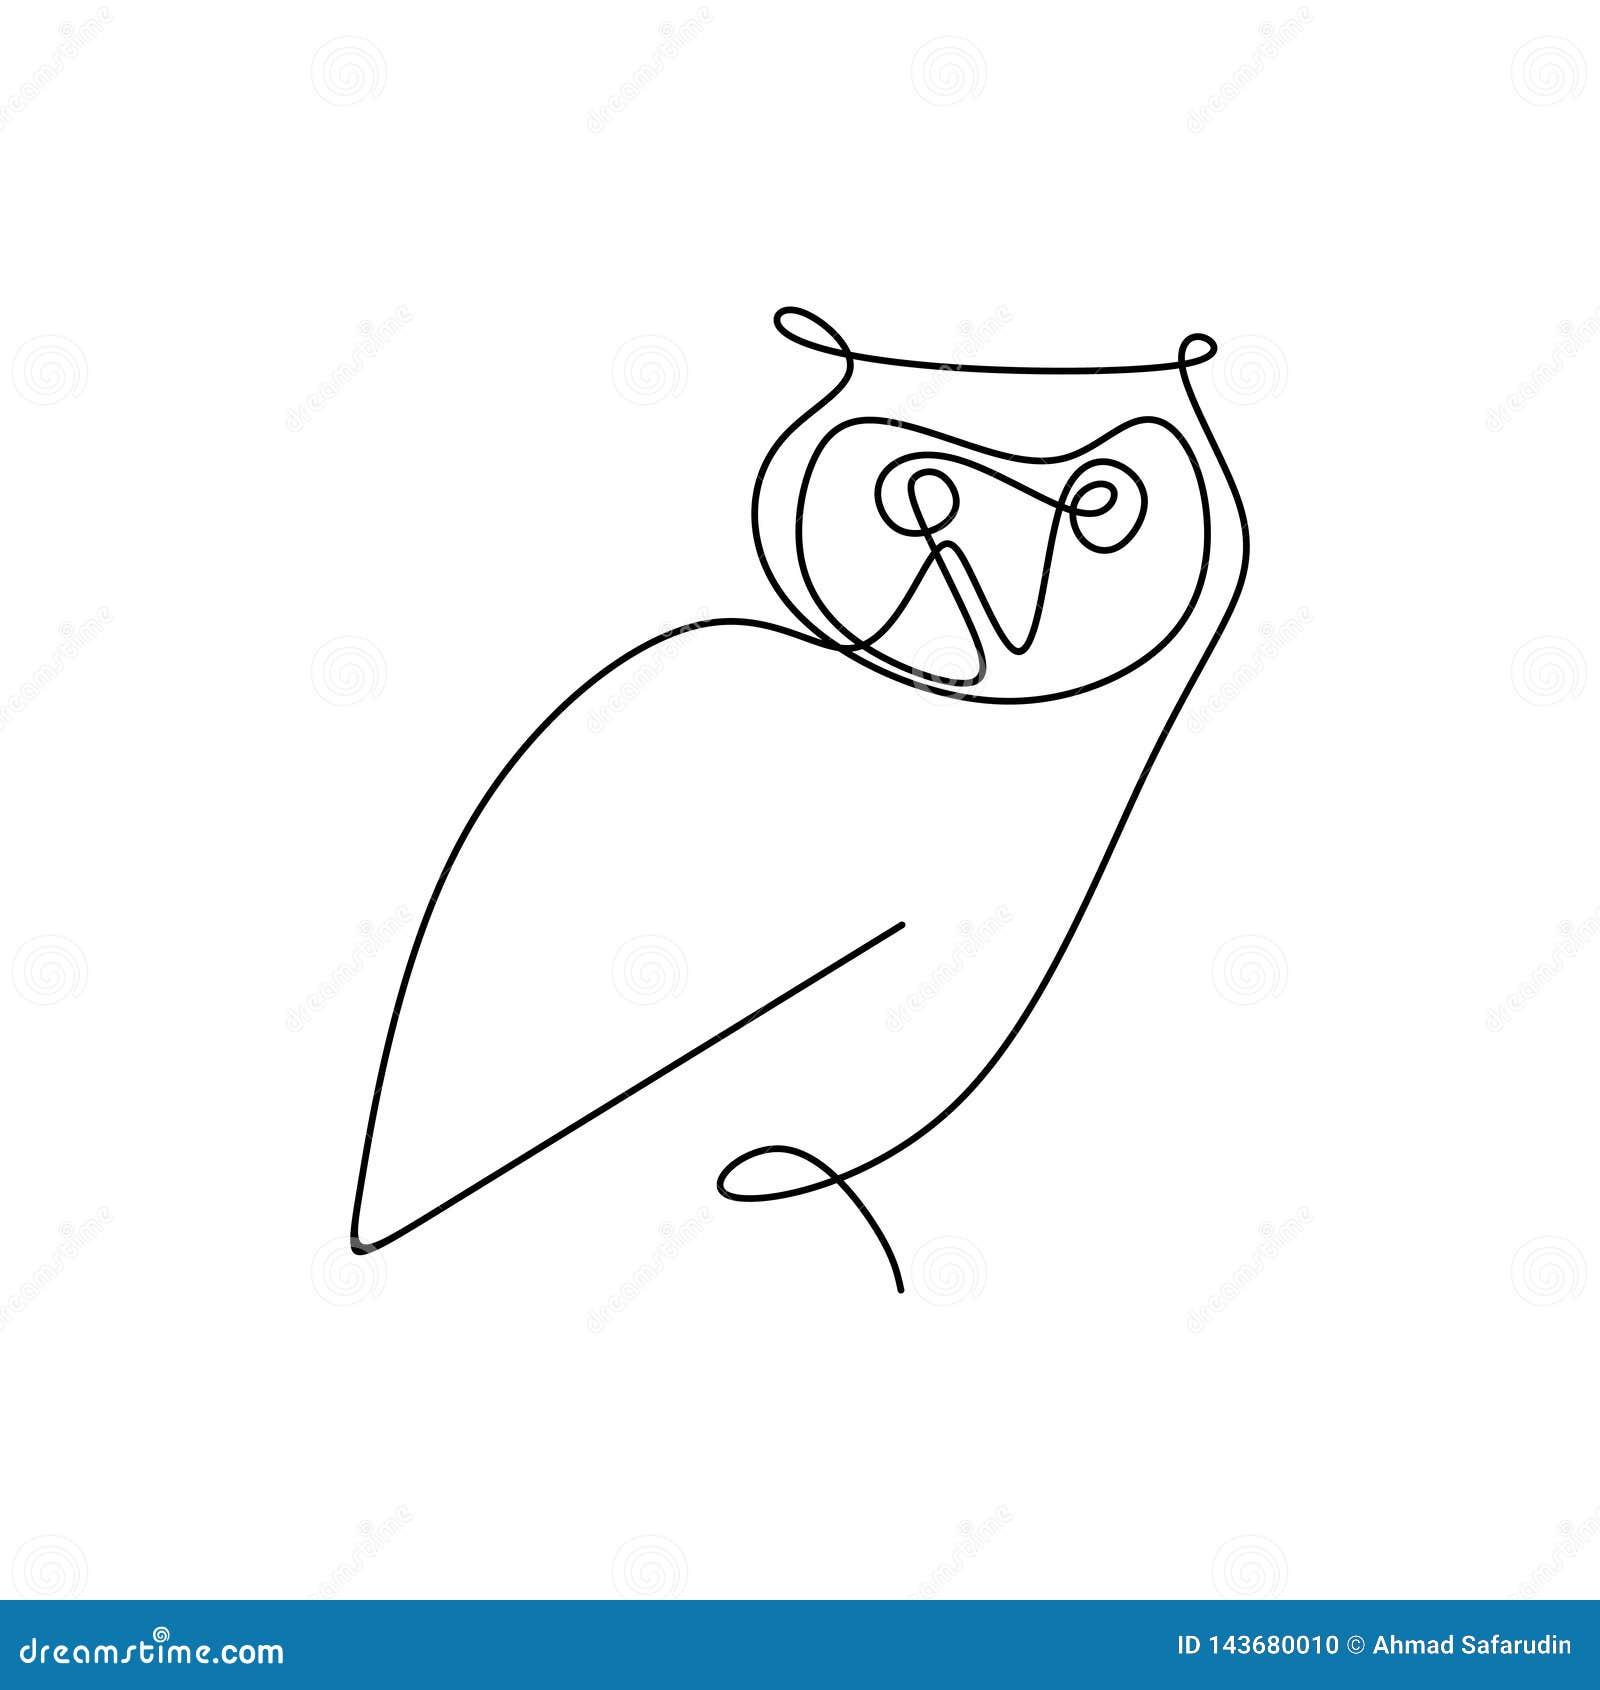 Het trekken van een ononderbroken lijn van uilen met een eenvoudig ontwerp